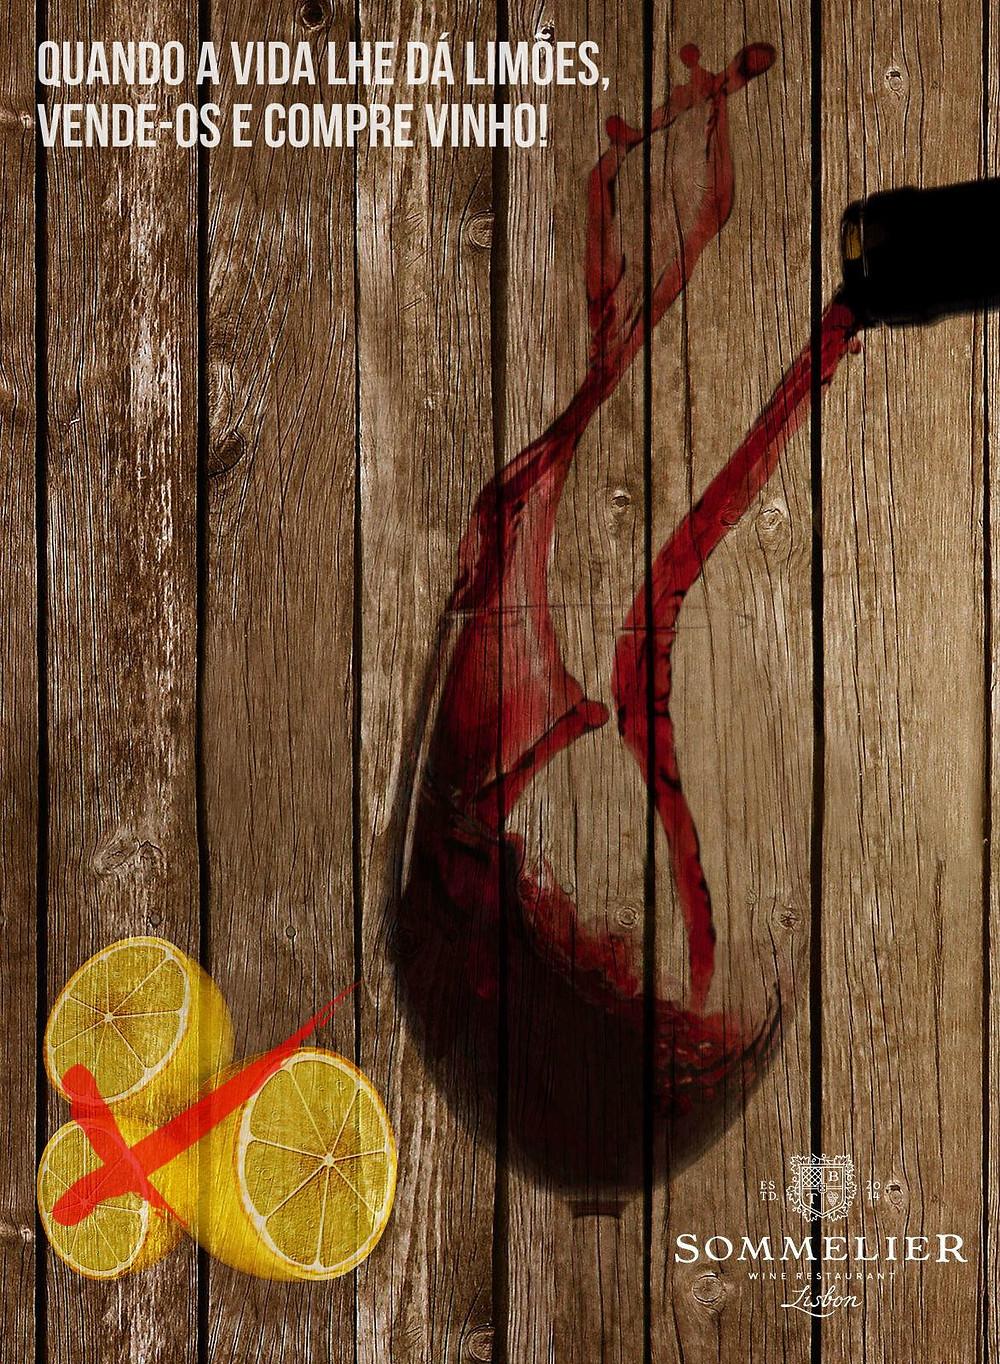 lemons sommelier lisbon wine bar